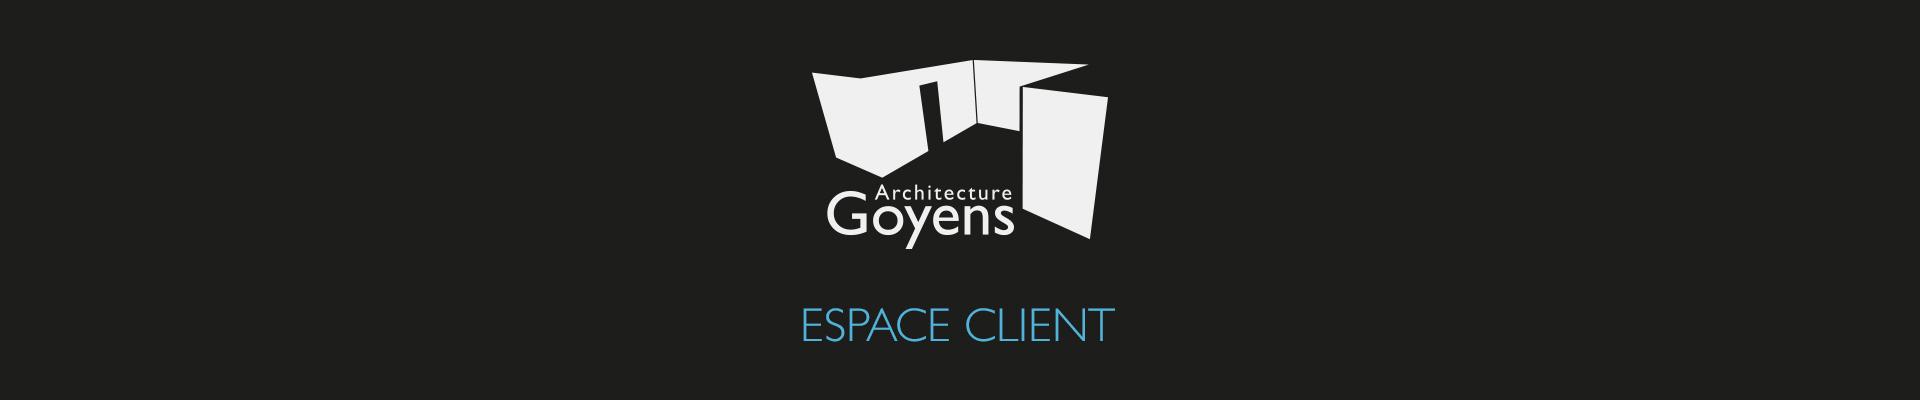 Architecte Goyens – Espace client